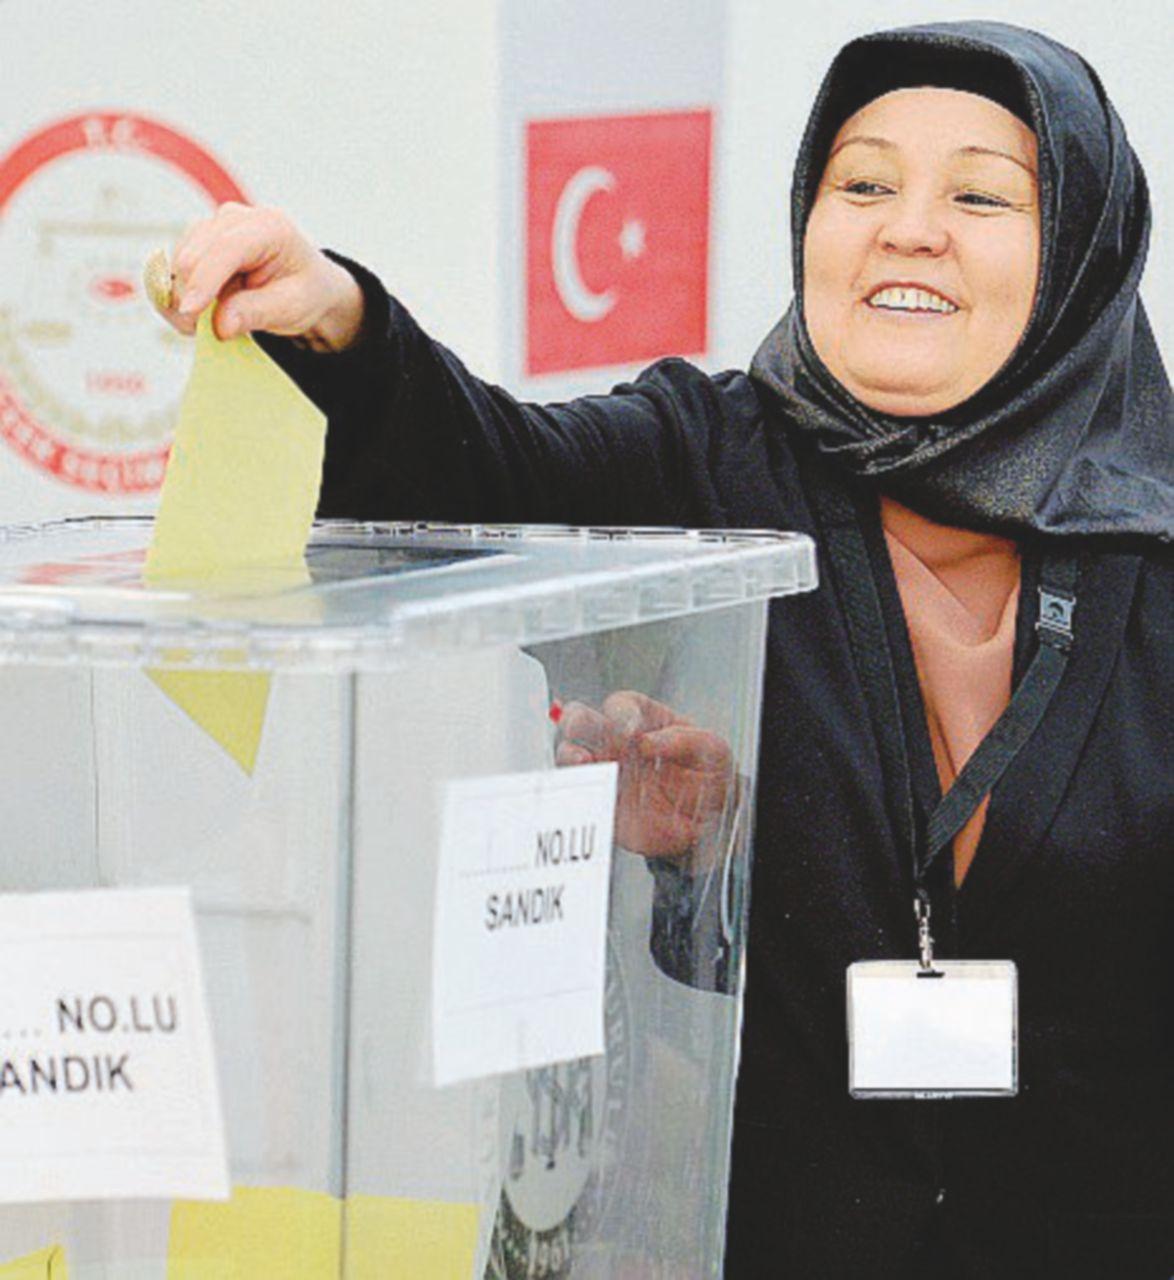 Un milione e mezzo di turchi alle urne per incoronare il Sultano nemico dell'Ue